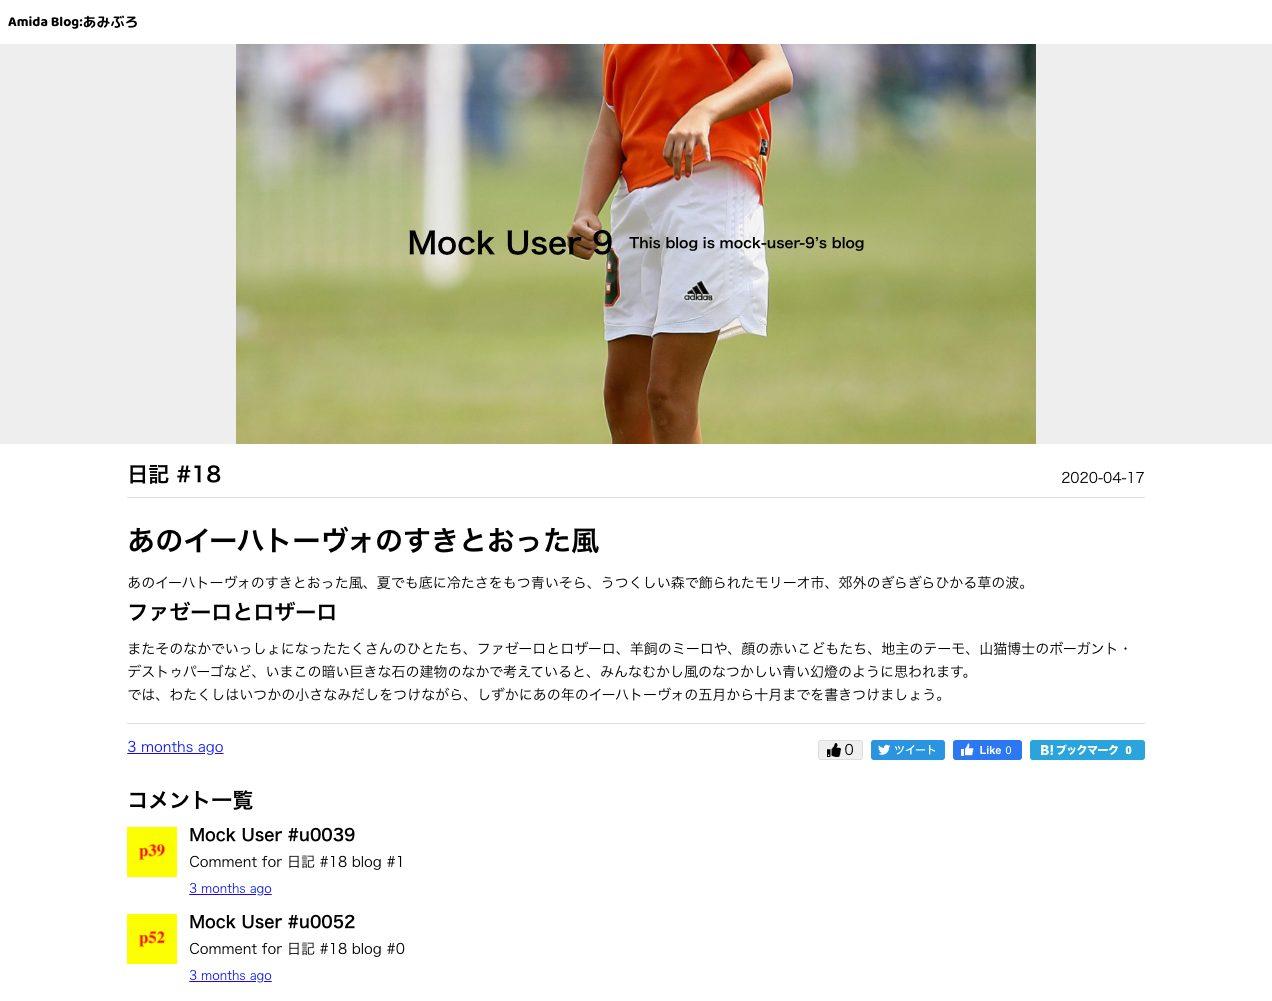 お題アプリケーション「あみぶろ」のブログ記事ページのスクリーンキャプチャ